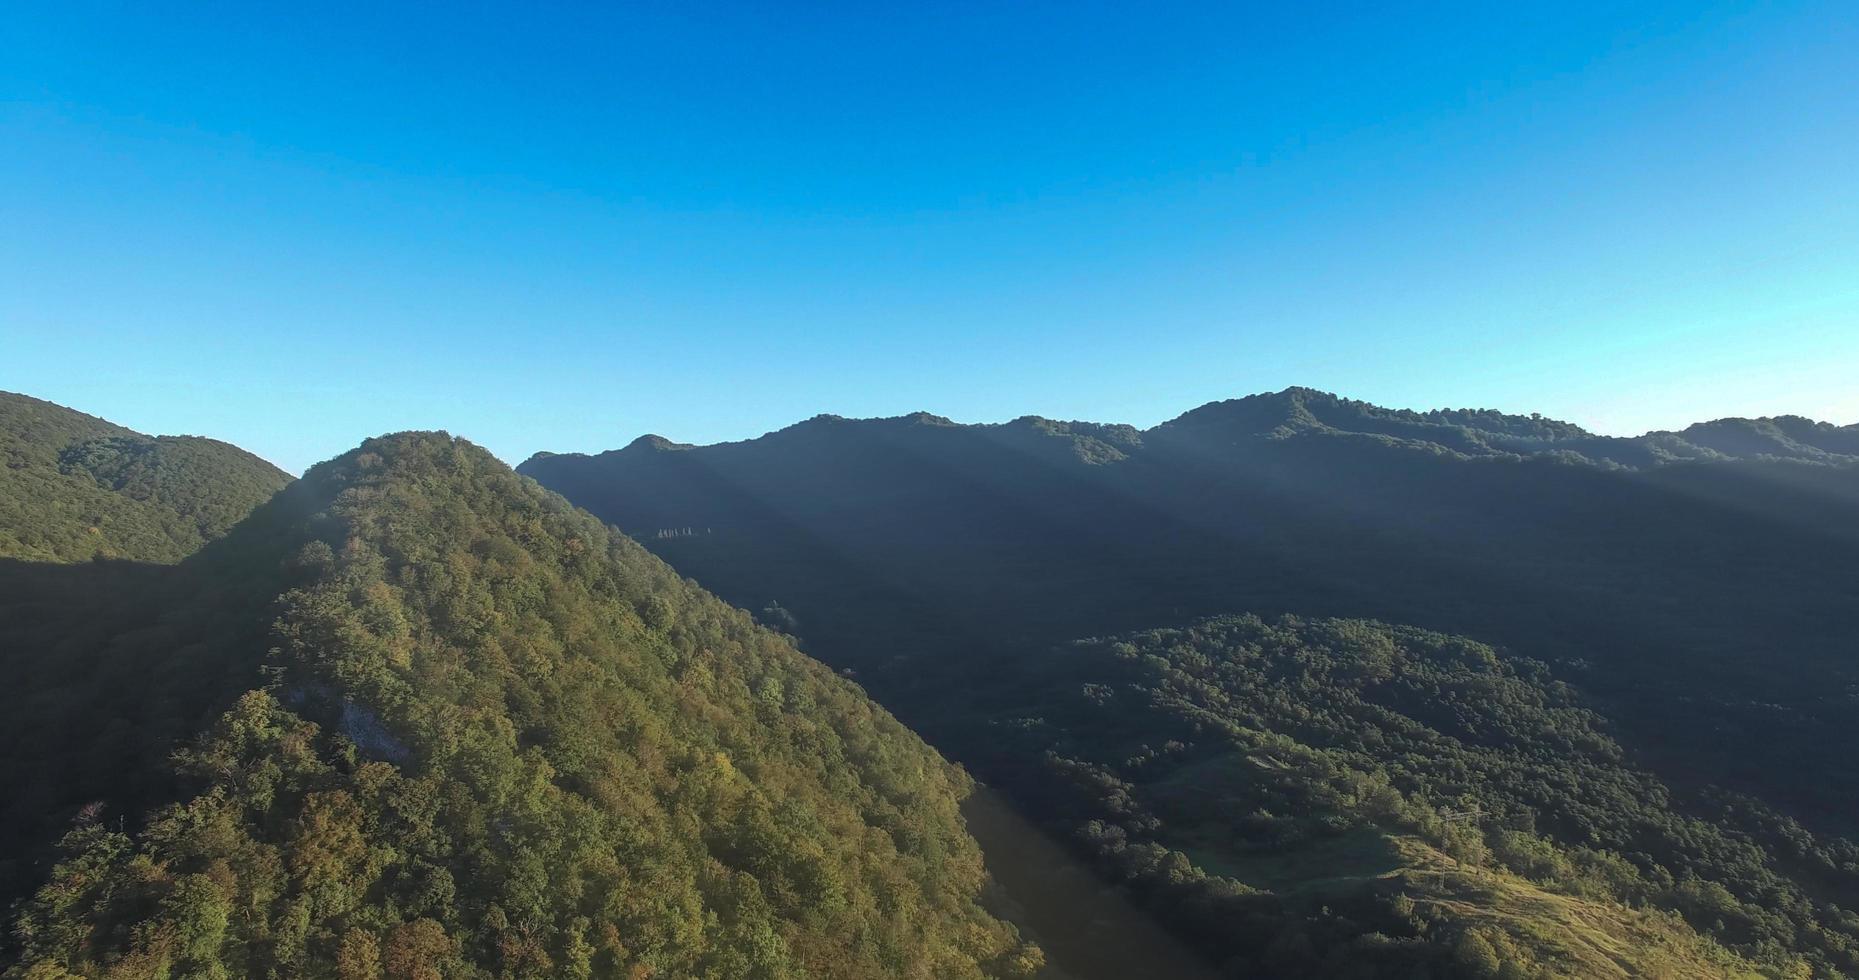 landschap van een bergketen met een strakblauwe lucht foto